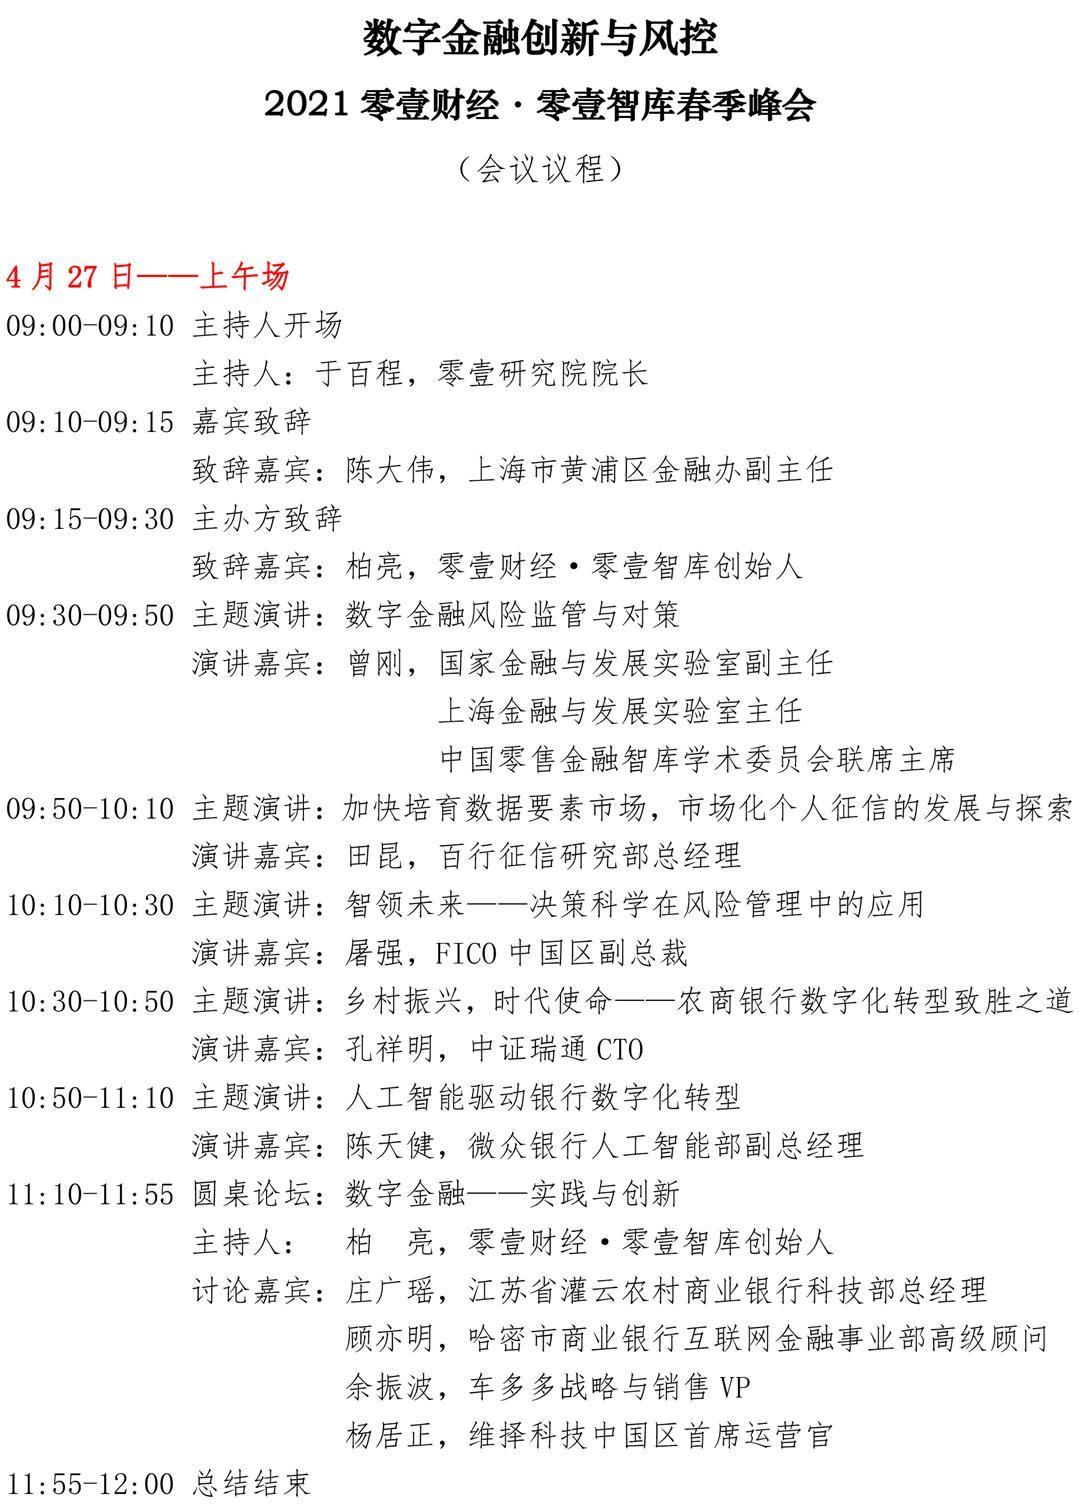 2021零壹财经春季峰会活动方案【0426版】-3.jpg